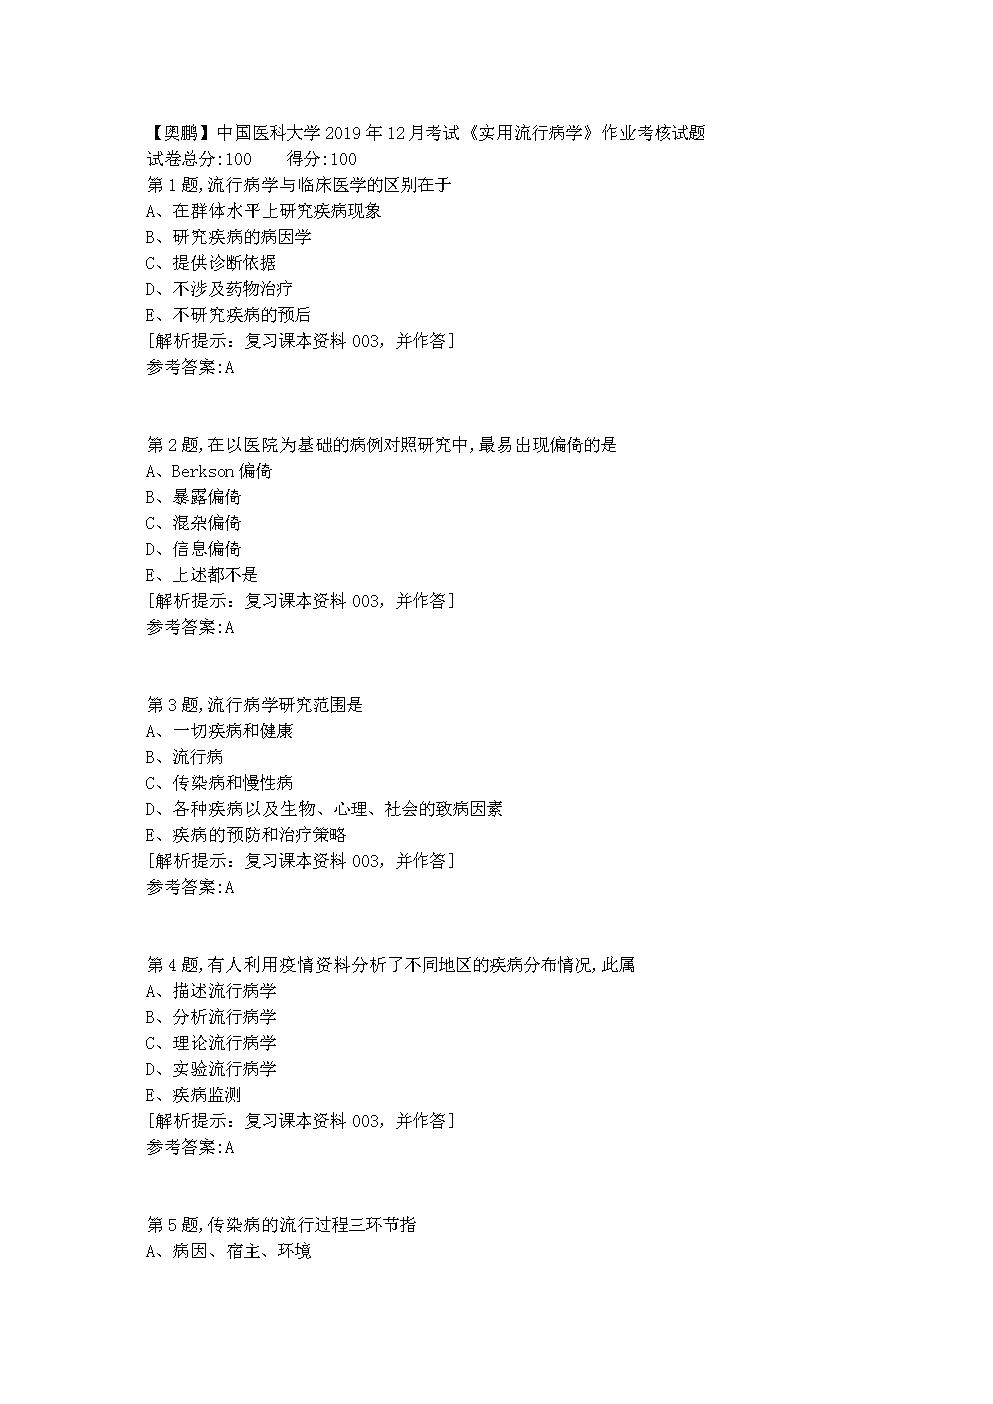 中国医科大学2019年12月考试《实用流行病学》作业考核试题[资料答案].doc